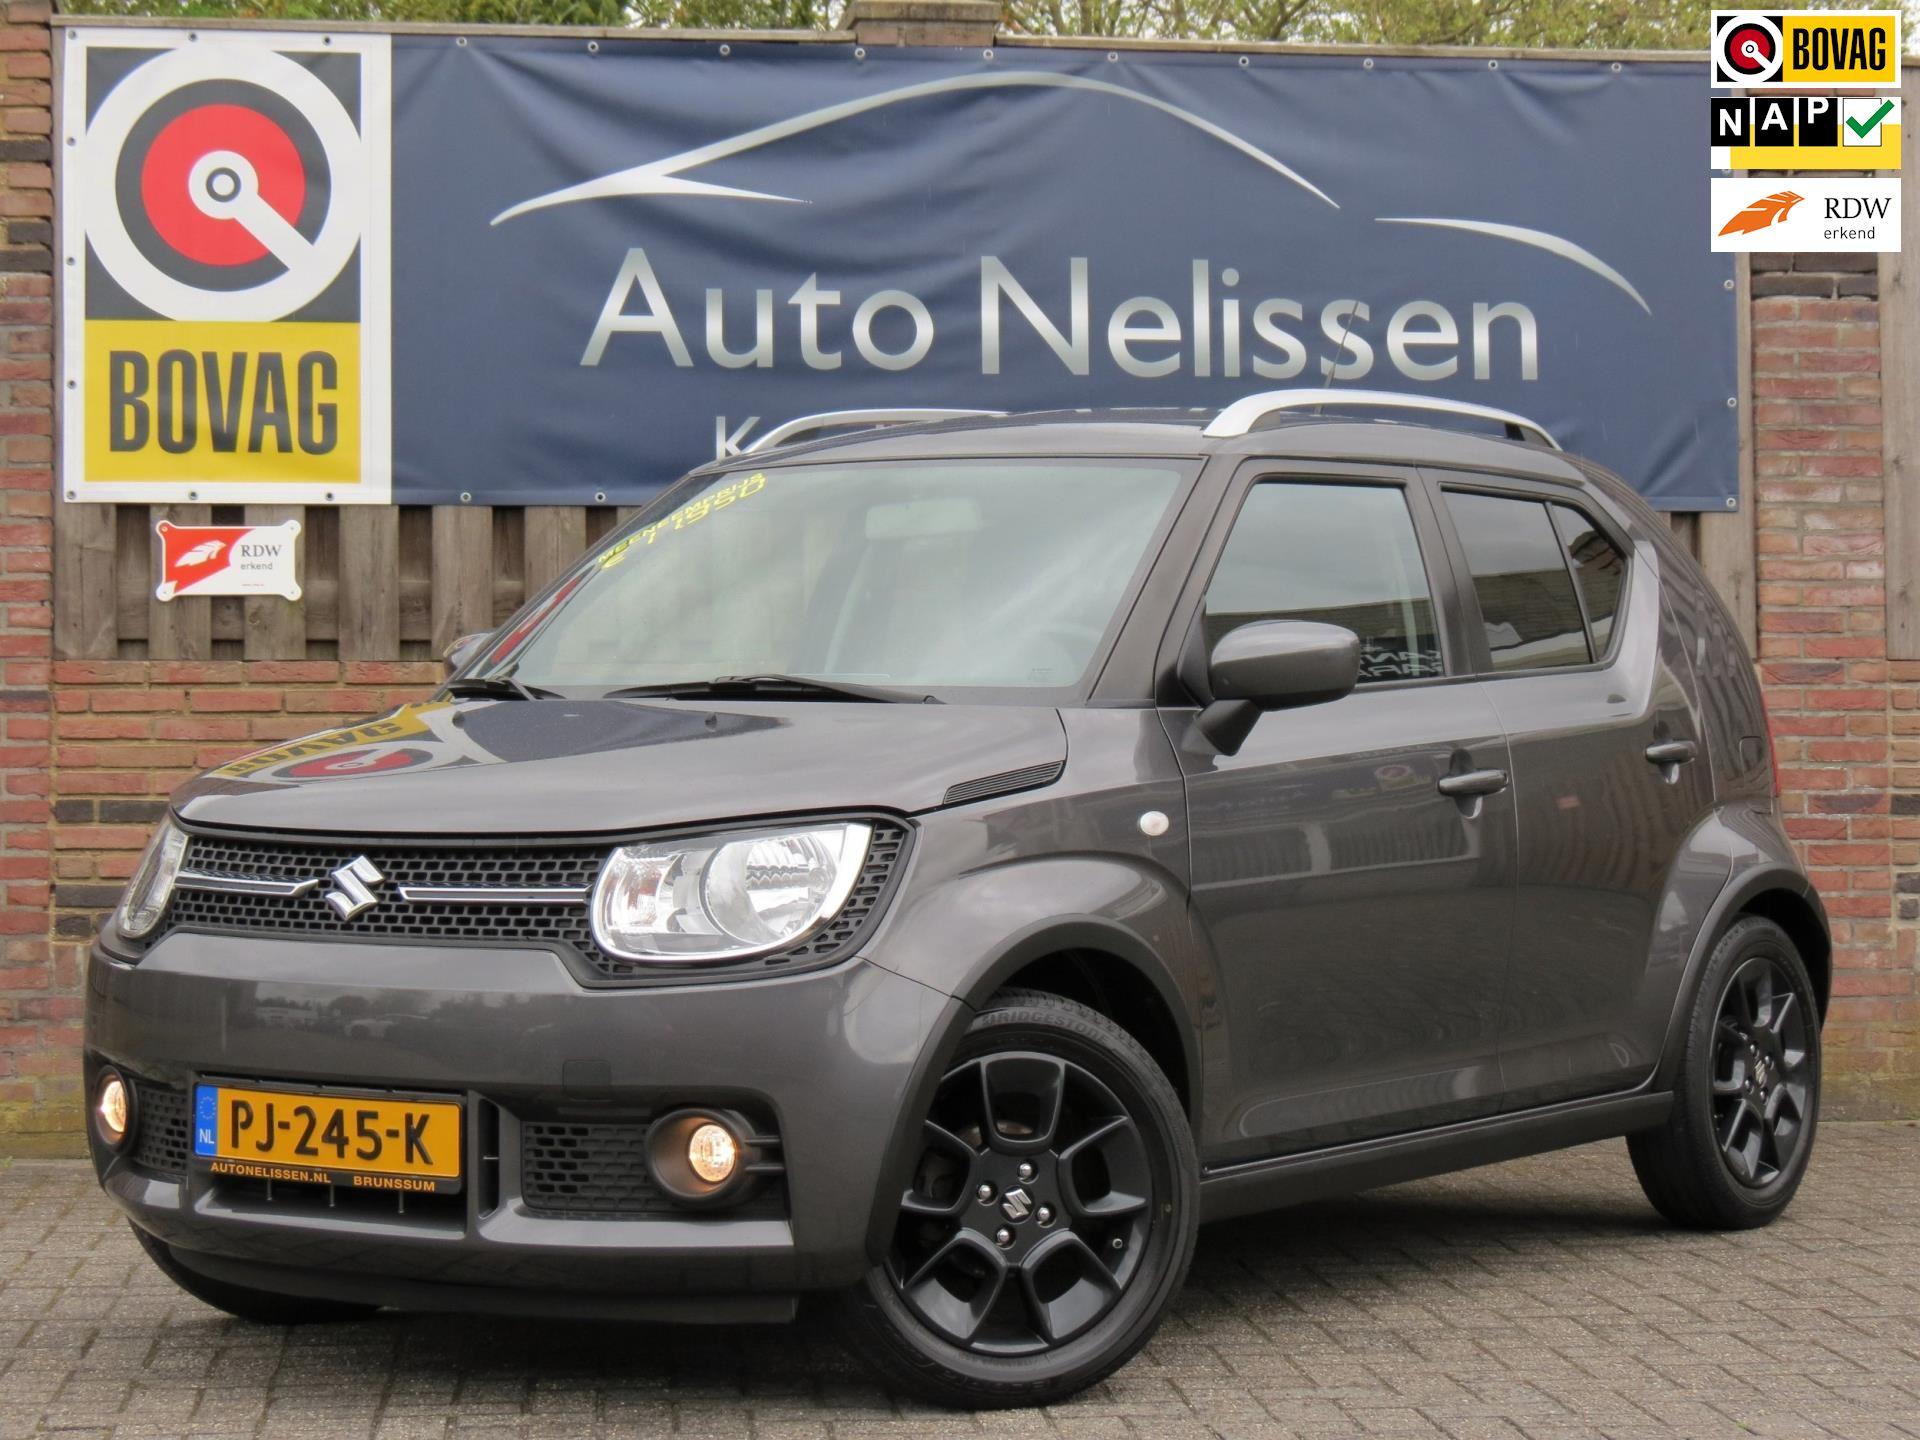 Suzuki Ignis occasion - Auto Nelissen